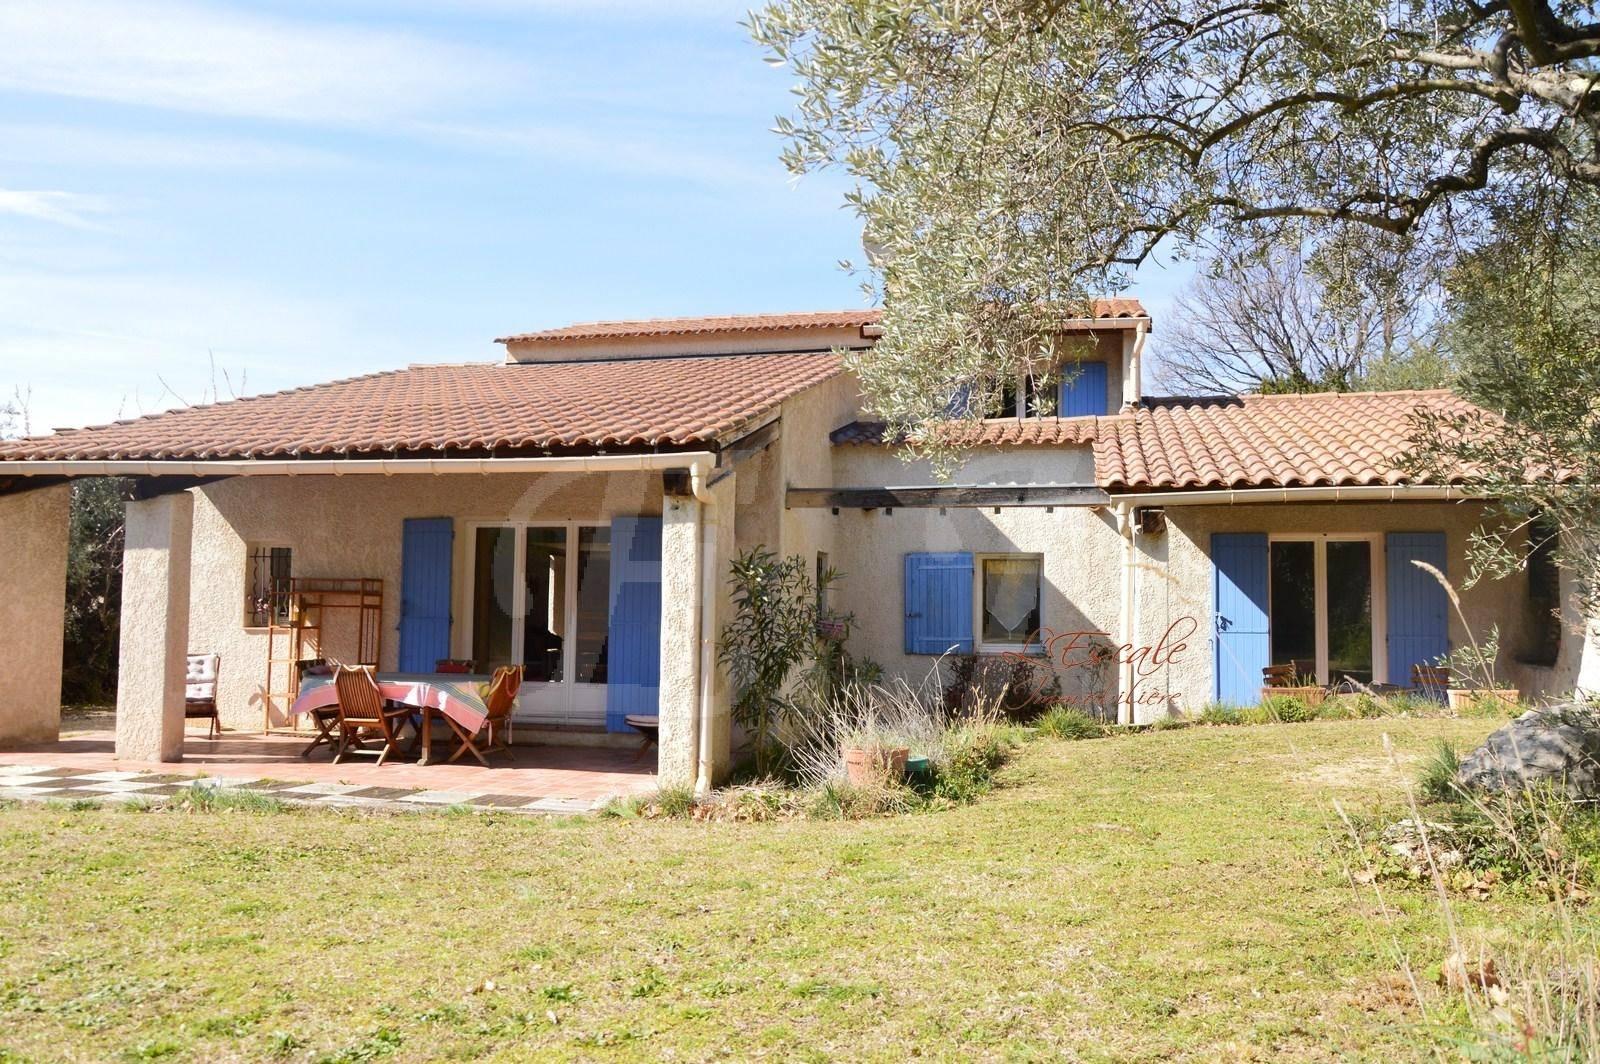 Maison à Robion avec 4 chambres sur grand terrain avec piscine et belle vue sur le Luberon